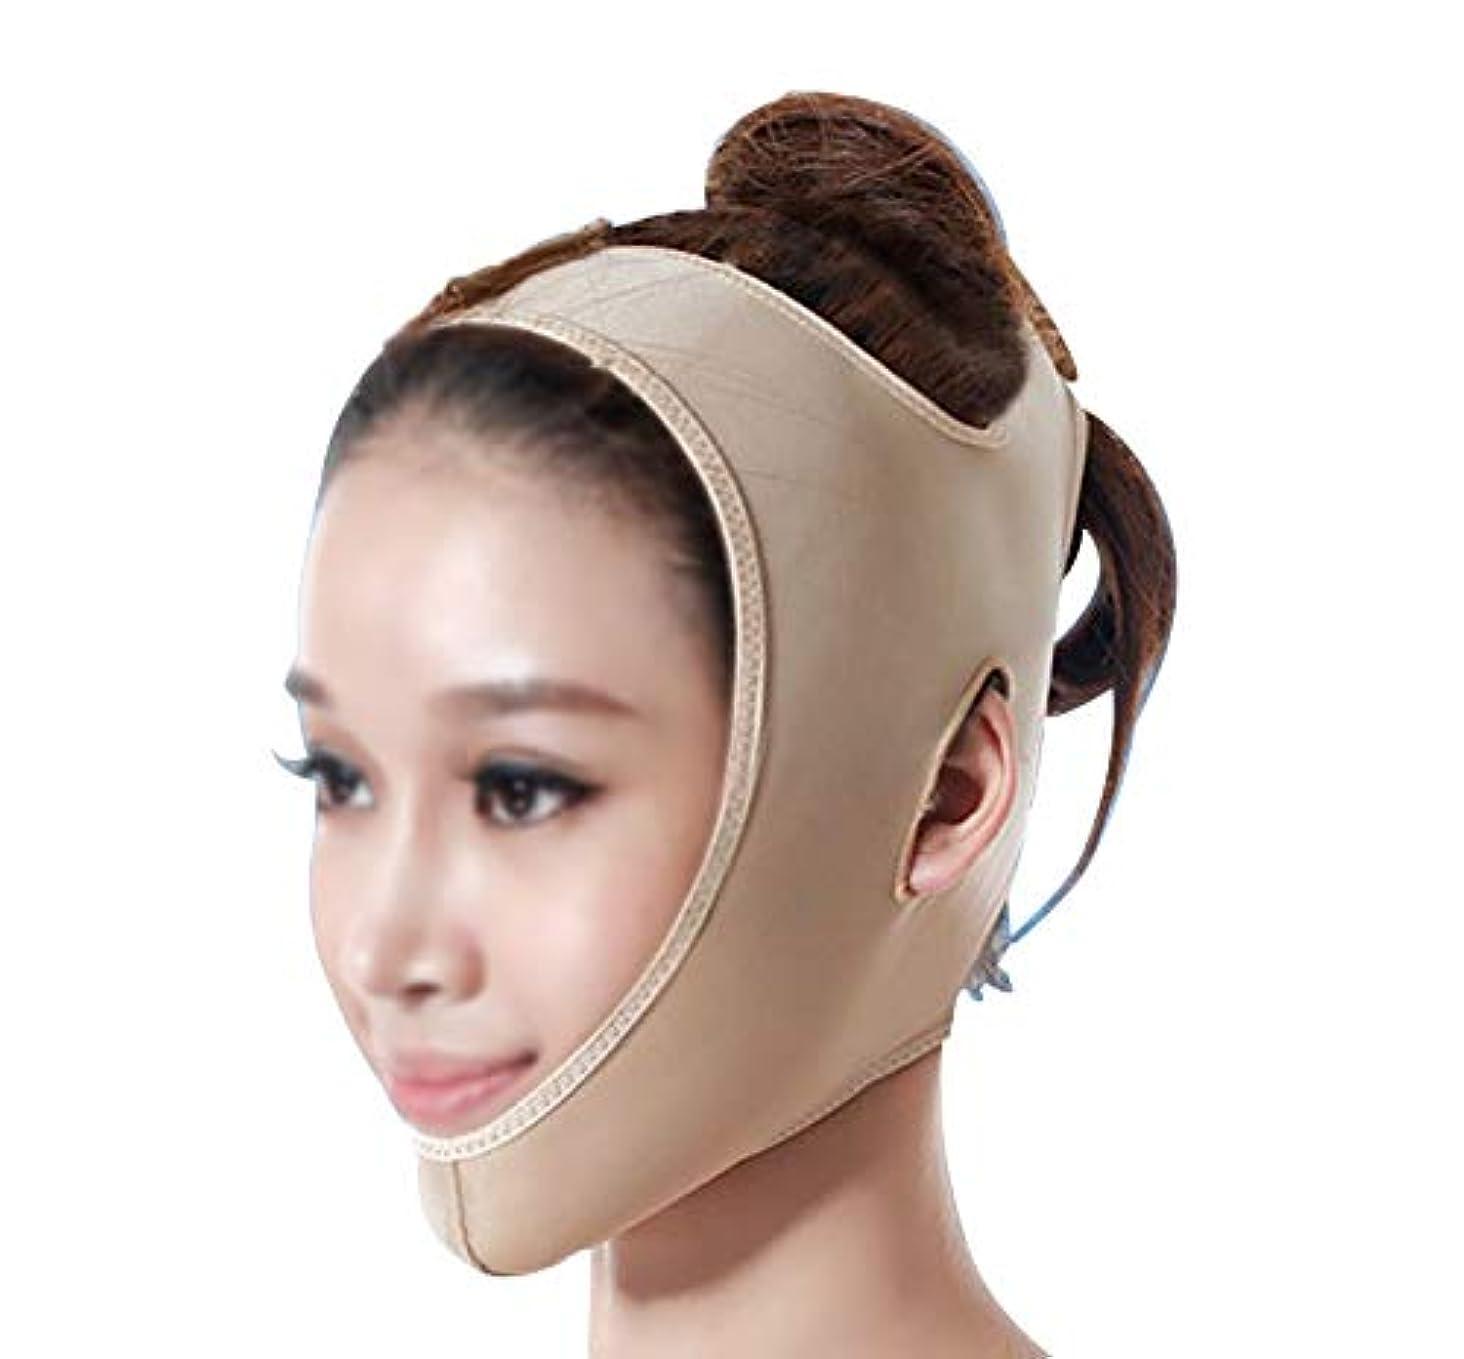 結婚大学トリップTLMY 引き締めマスクマスク美容薬マスク美容V顔包帯ライン彫刻引き締めしっかりダブルチンマスク 顔用整形マスク (Size : S)